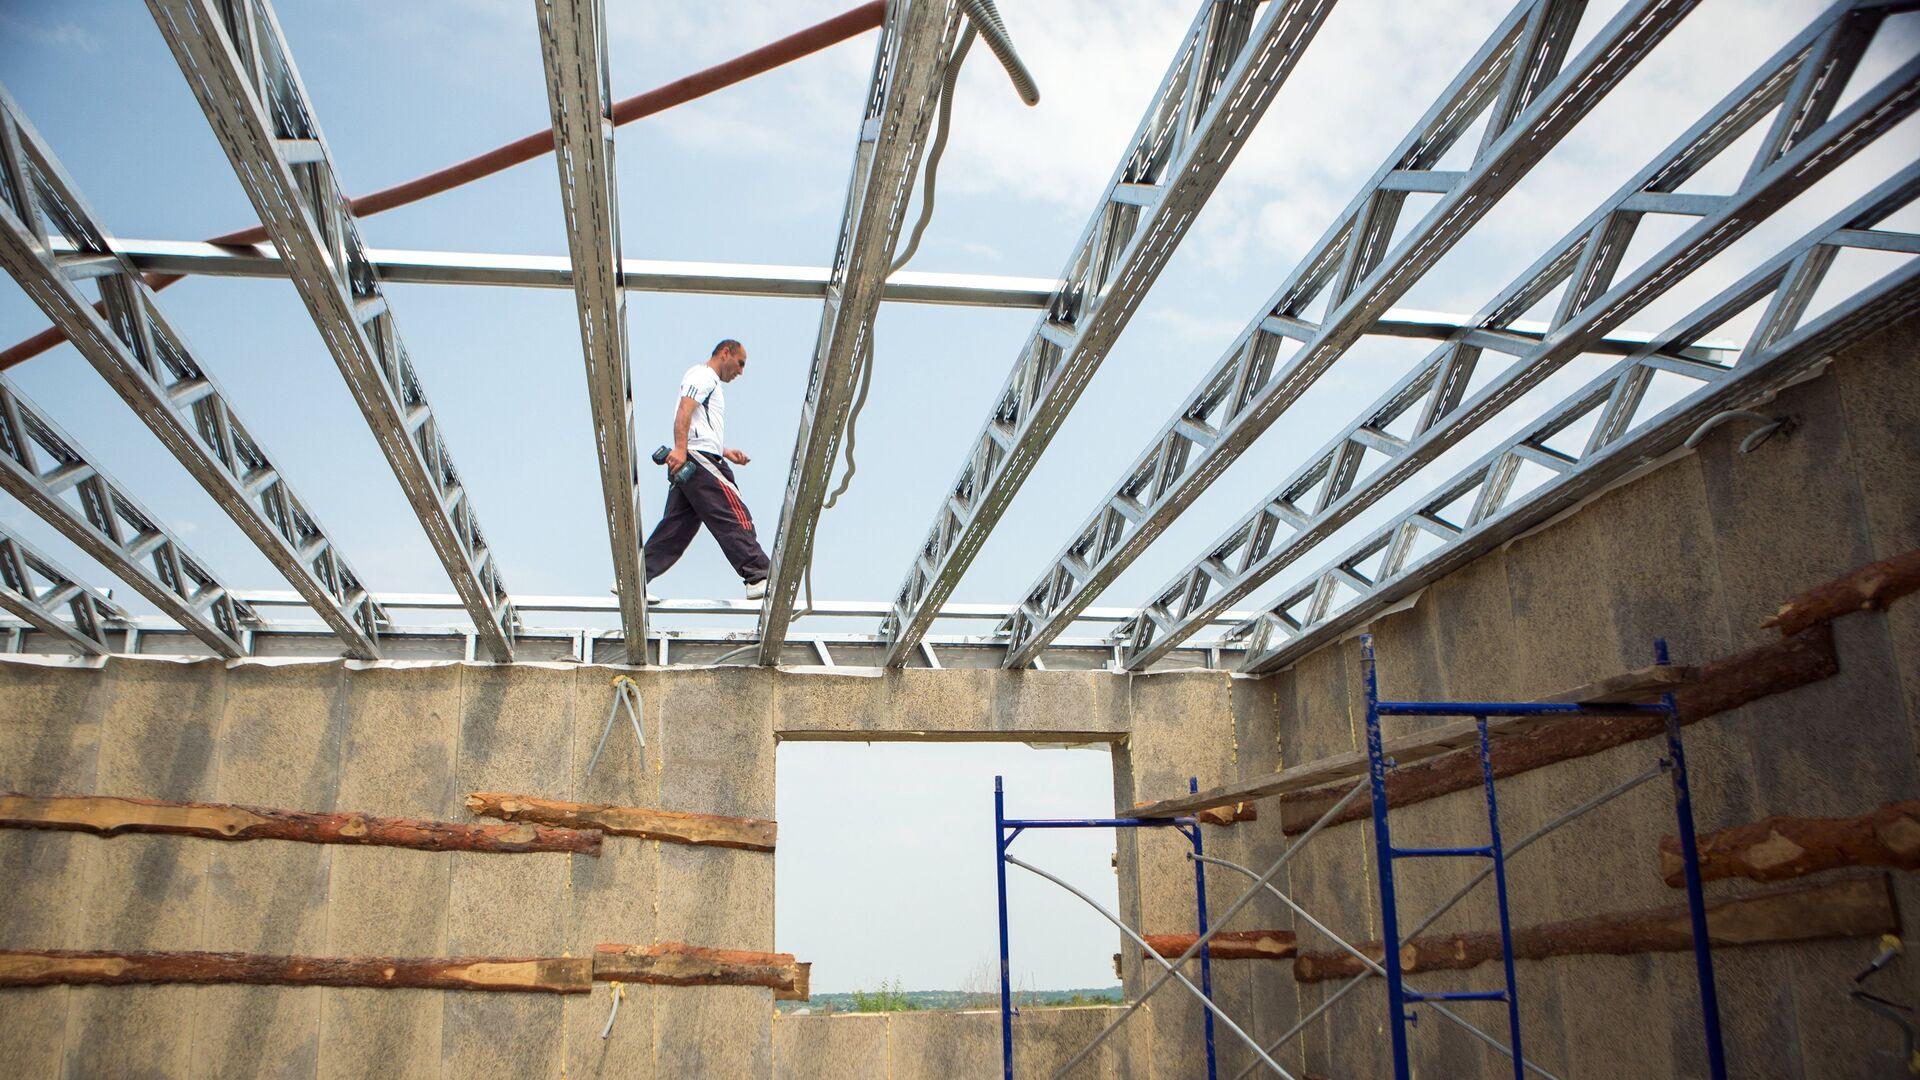 Cтроительство домов для пострадавших от паводка в Амурской области - РИА Новости, 1920, 08.06.2020